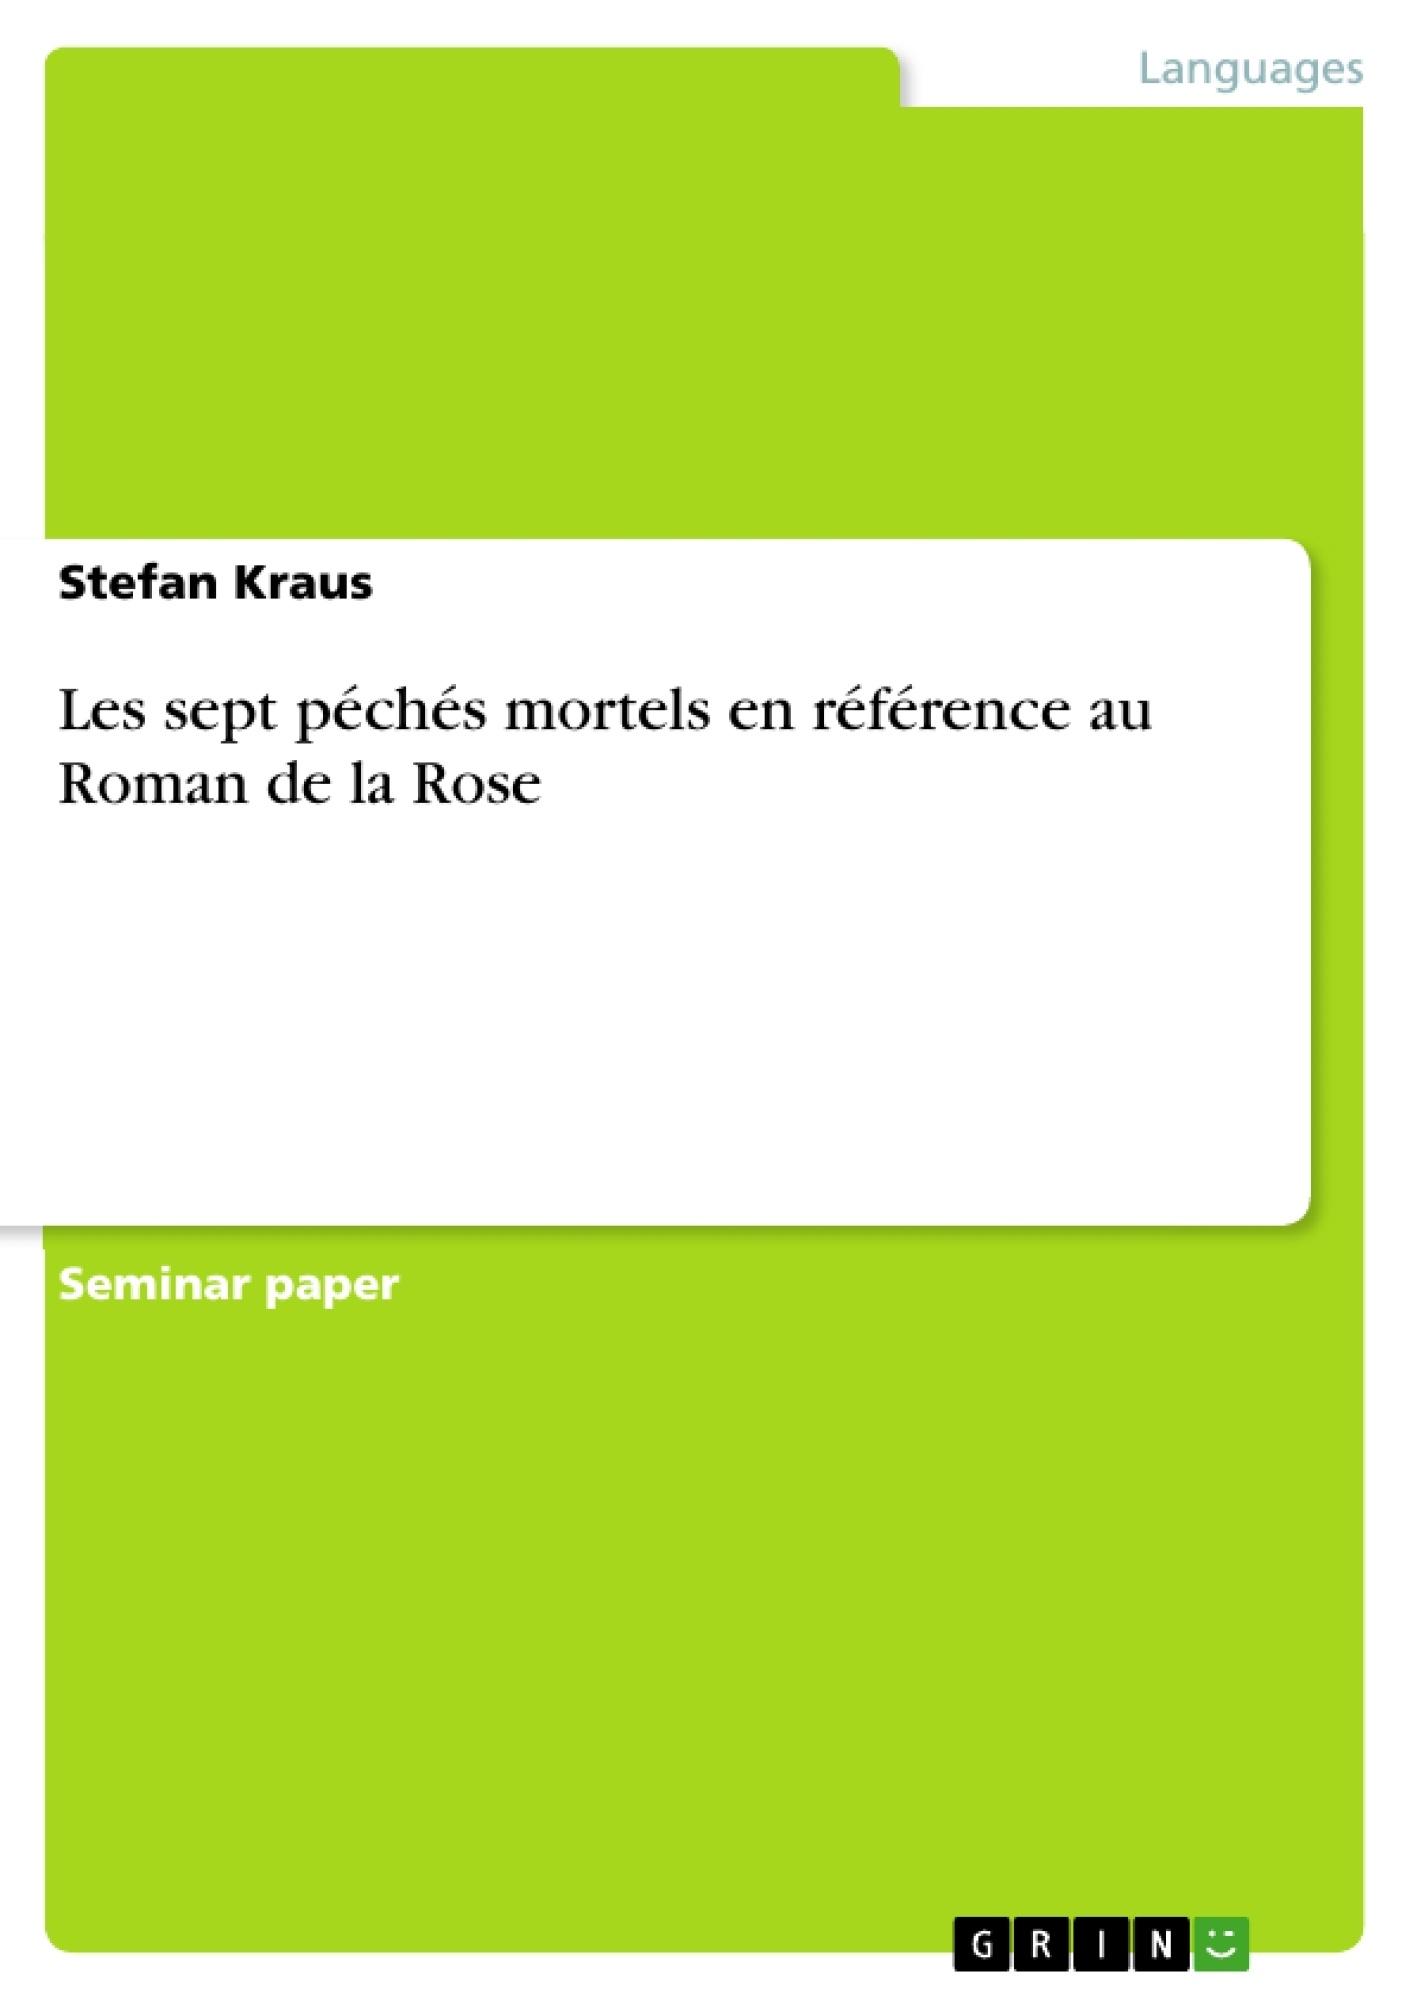 Titre: Les sept péchés mortels en référence au Roman de la Rose